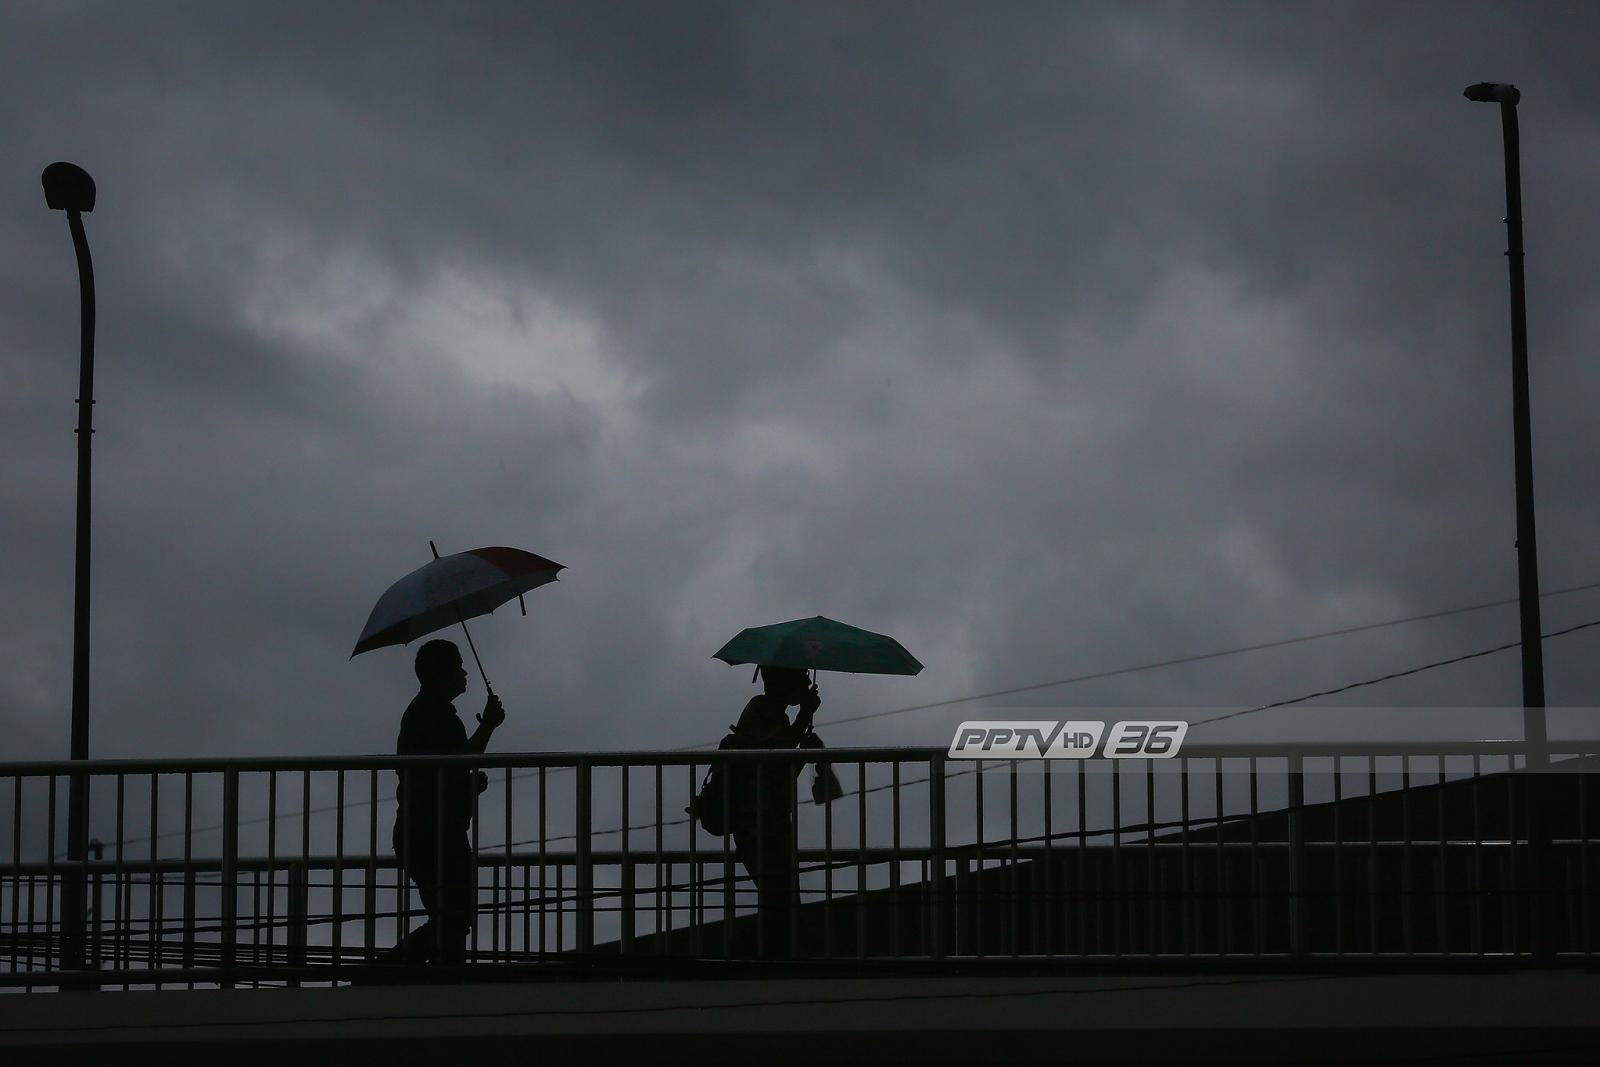 อุตุฯ เตือน 22 จังหวัด รับมือฝนตกหนัก อันดามัน-อ่าวไทยคลื่นสูง